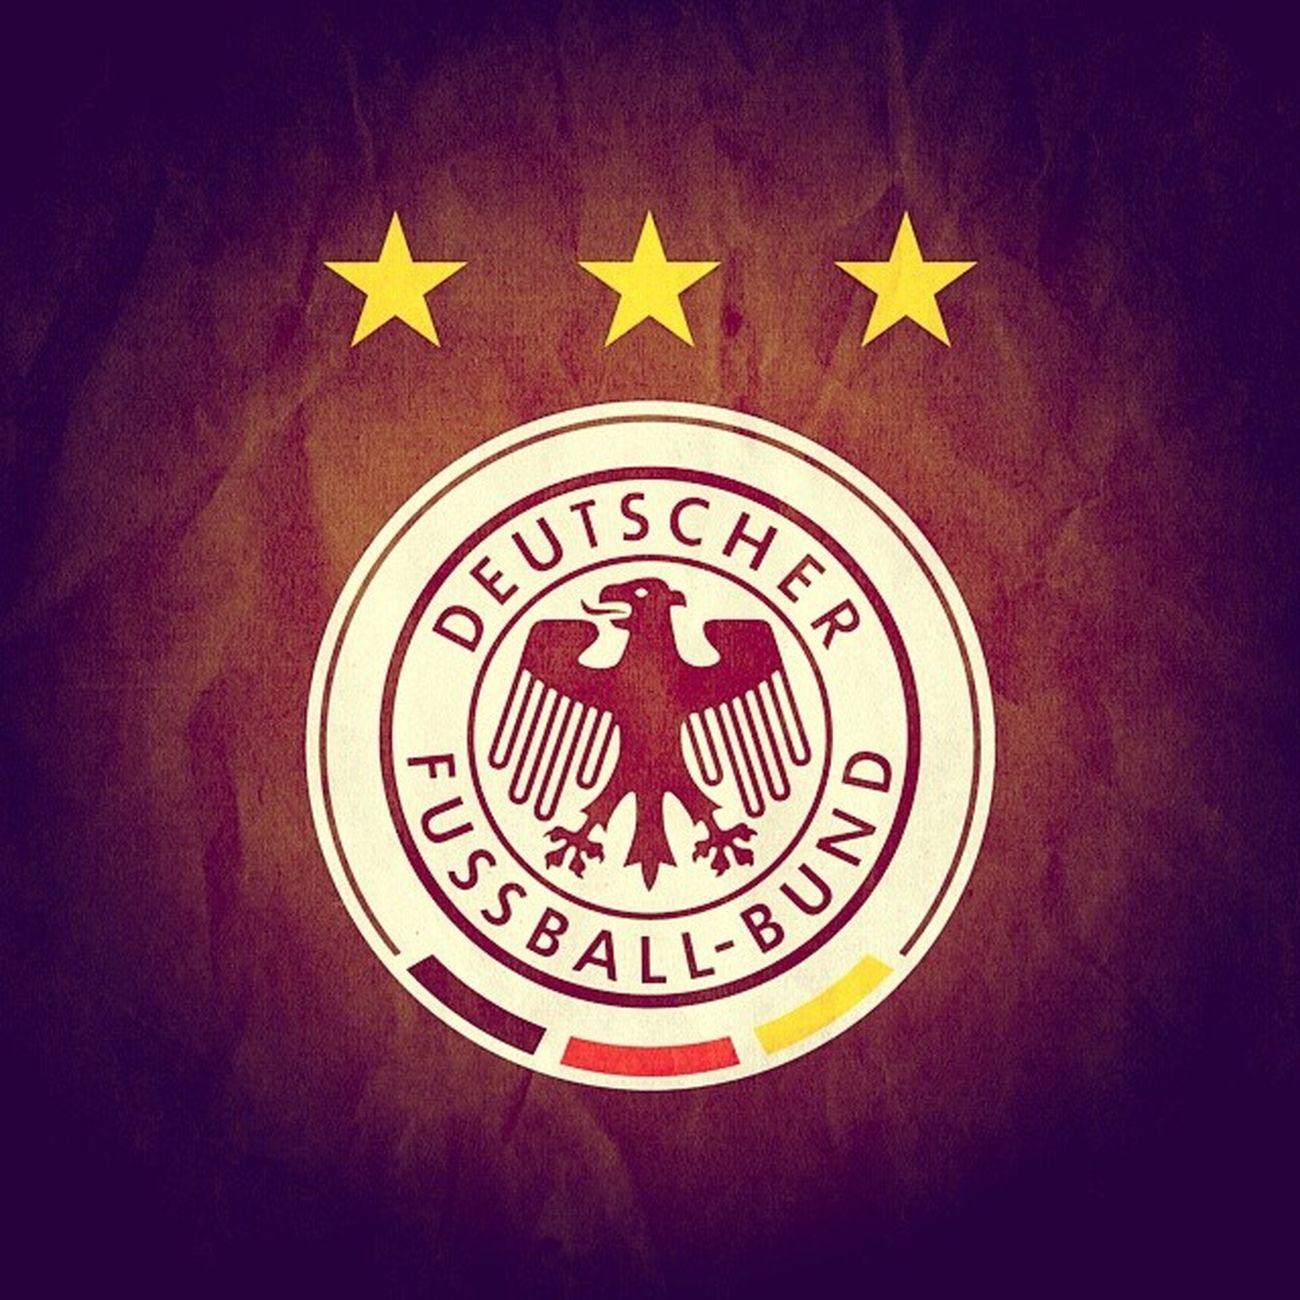 DFB AneurerSeite SternNrVier Auf geht's und den Krug holen... Heute Abend die Polen als kleines Stelldichein und danach wird nur noch gewonnen verstanden? :)